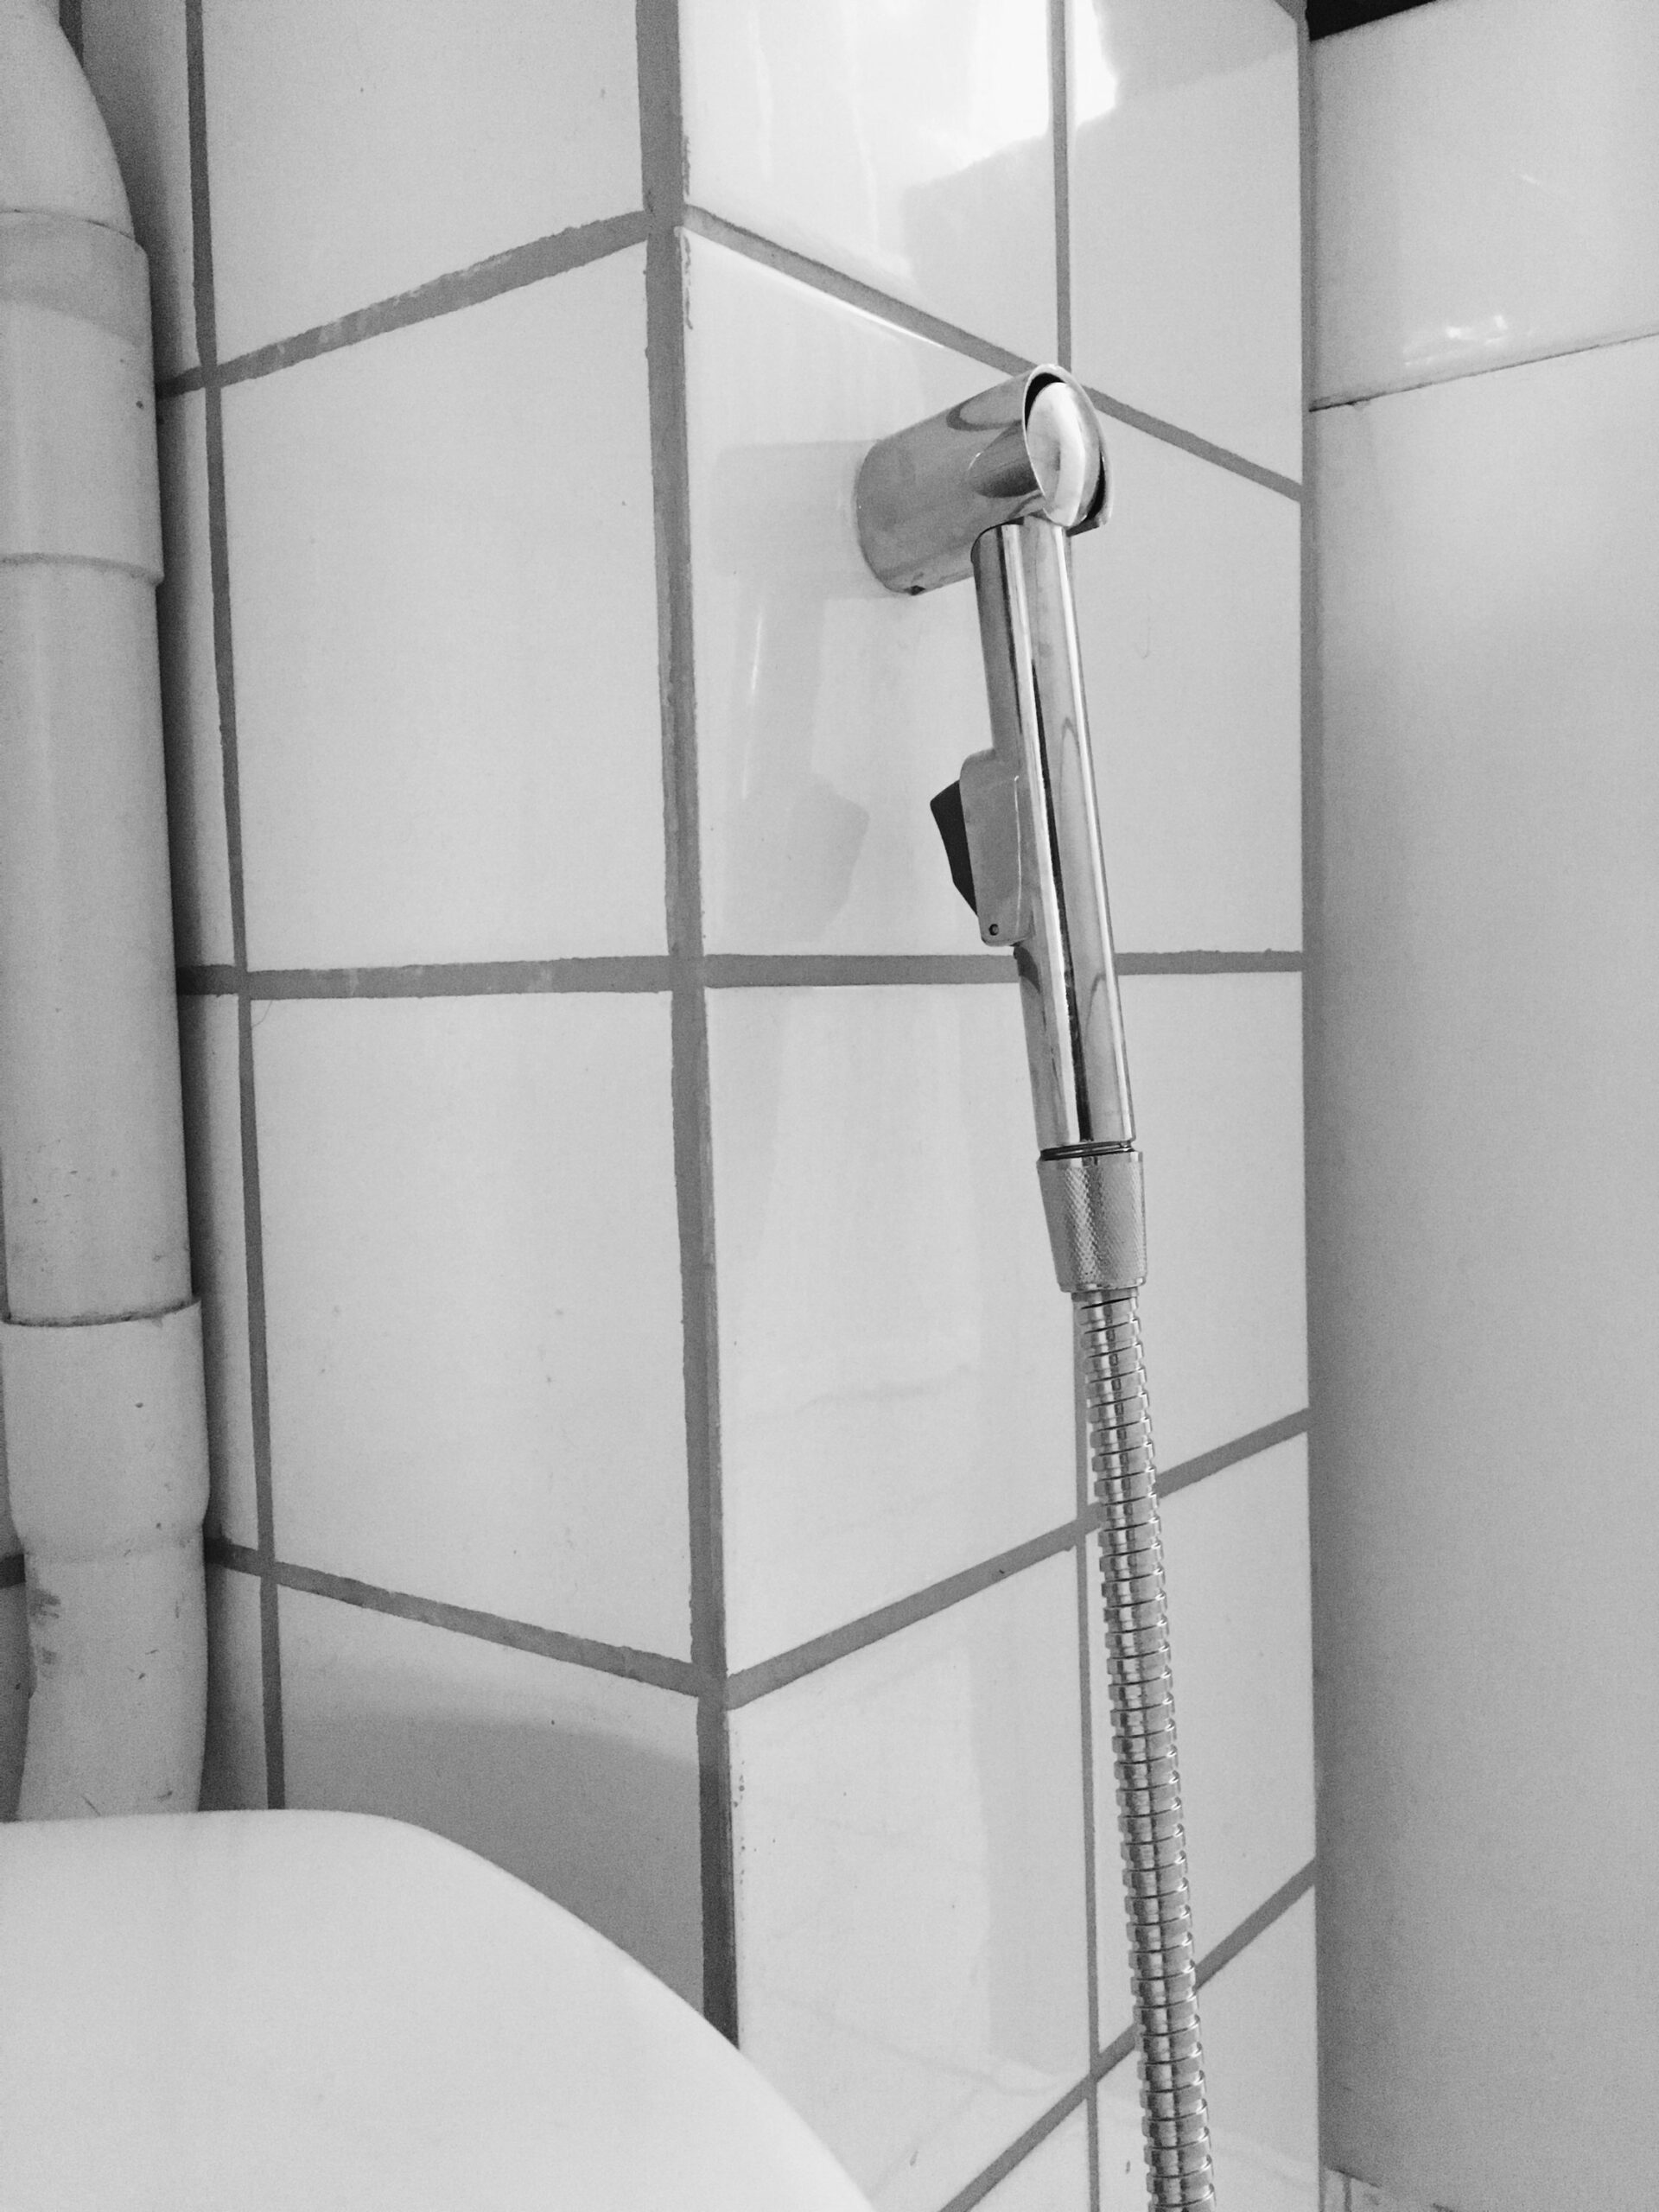 Full Size of Diy Anleitung Zero Waste Po Dusche Selbst Bauen Rainshower Behindertengerechte Badewanne Mischbatterie 80x80 Bodengleiche Duschen Mit Glastrennwand Kleine Dusche Bidet Dusche